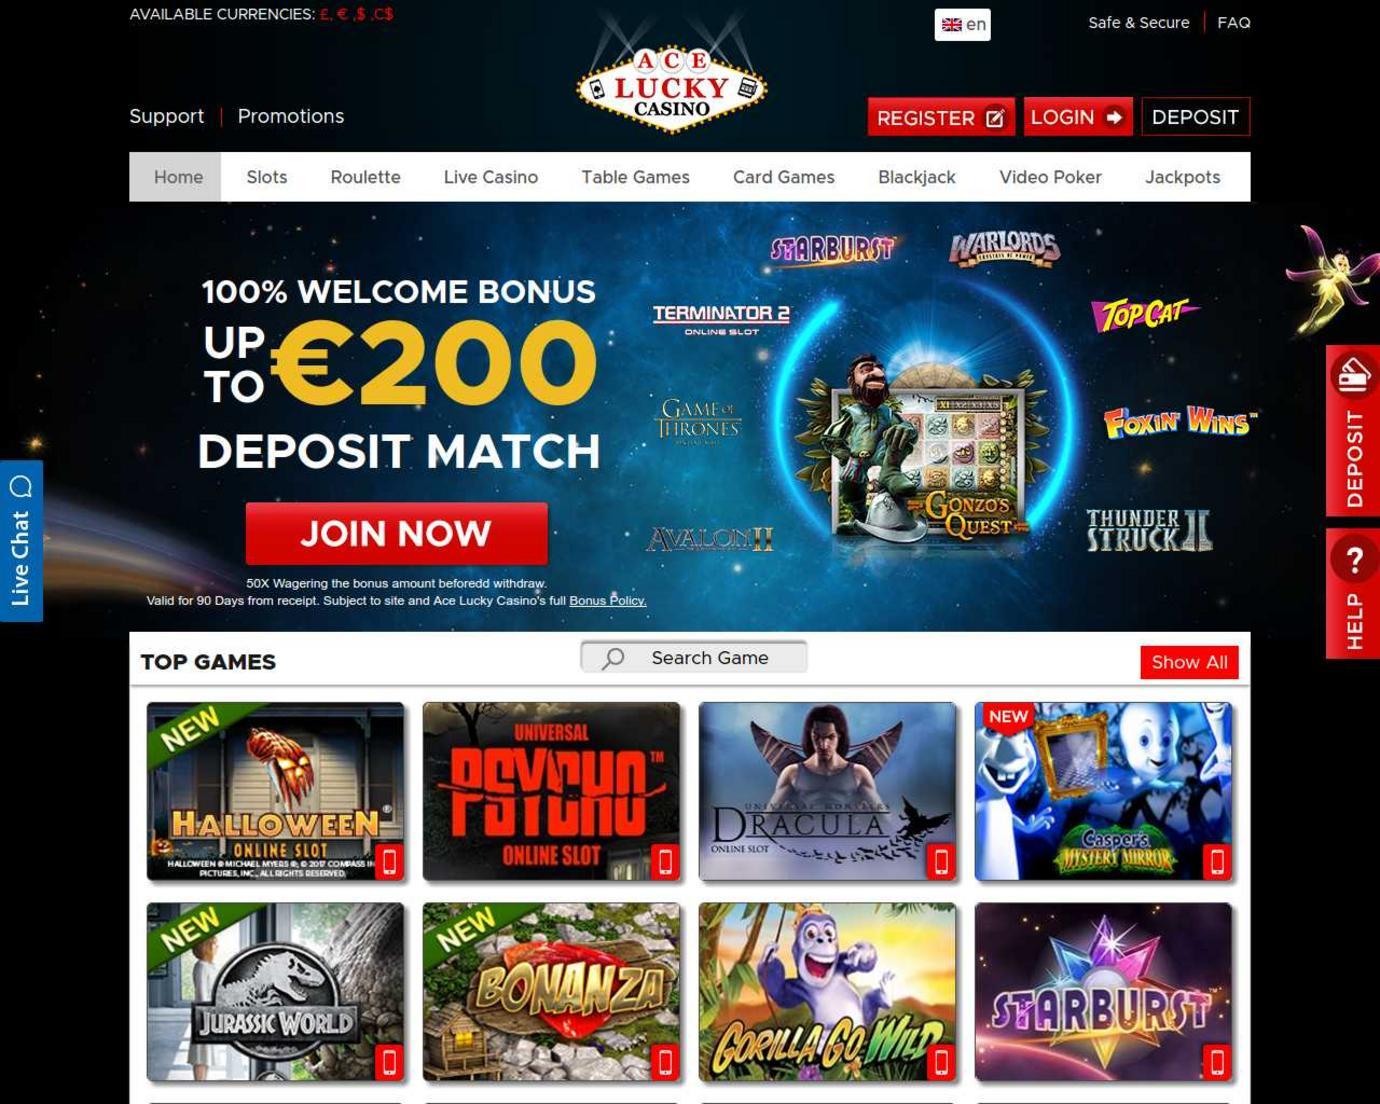 официальный сайт отзывы о казино lucky casino